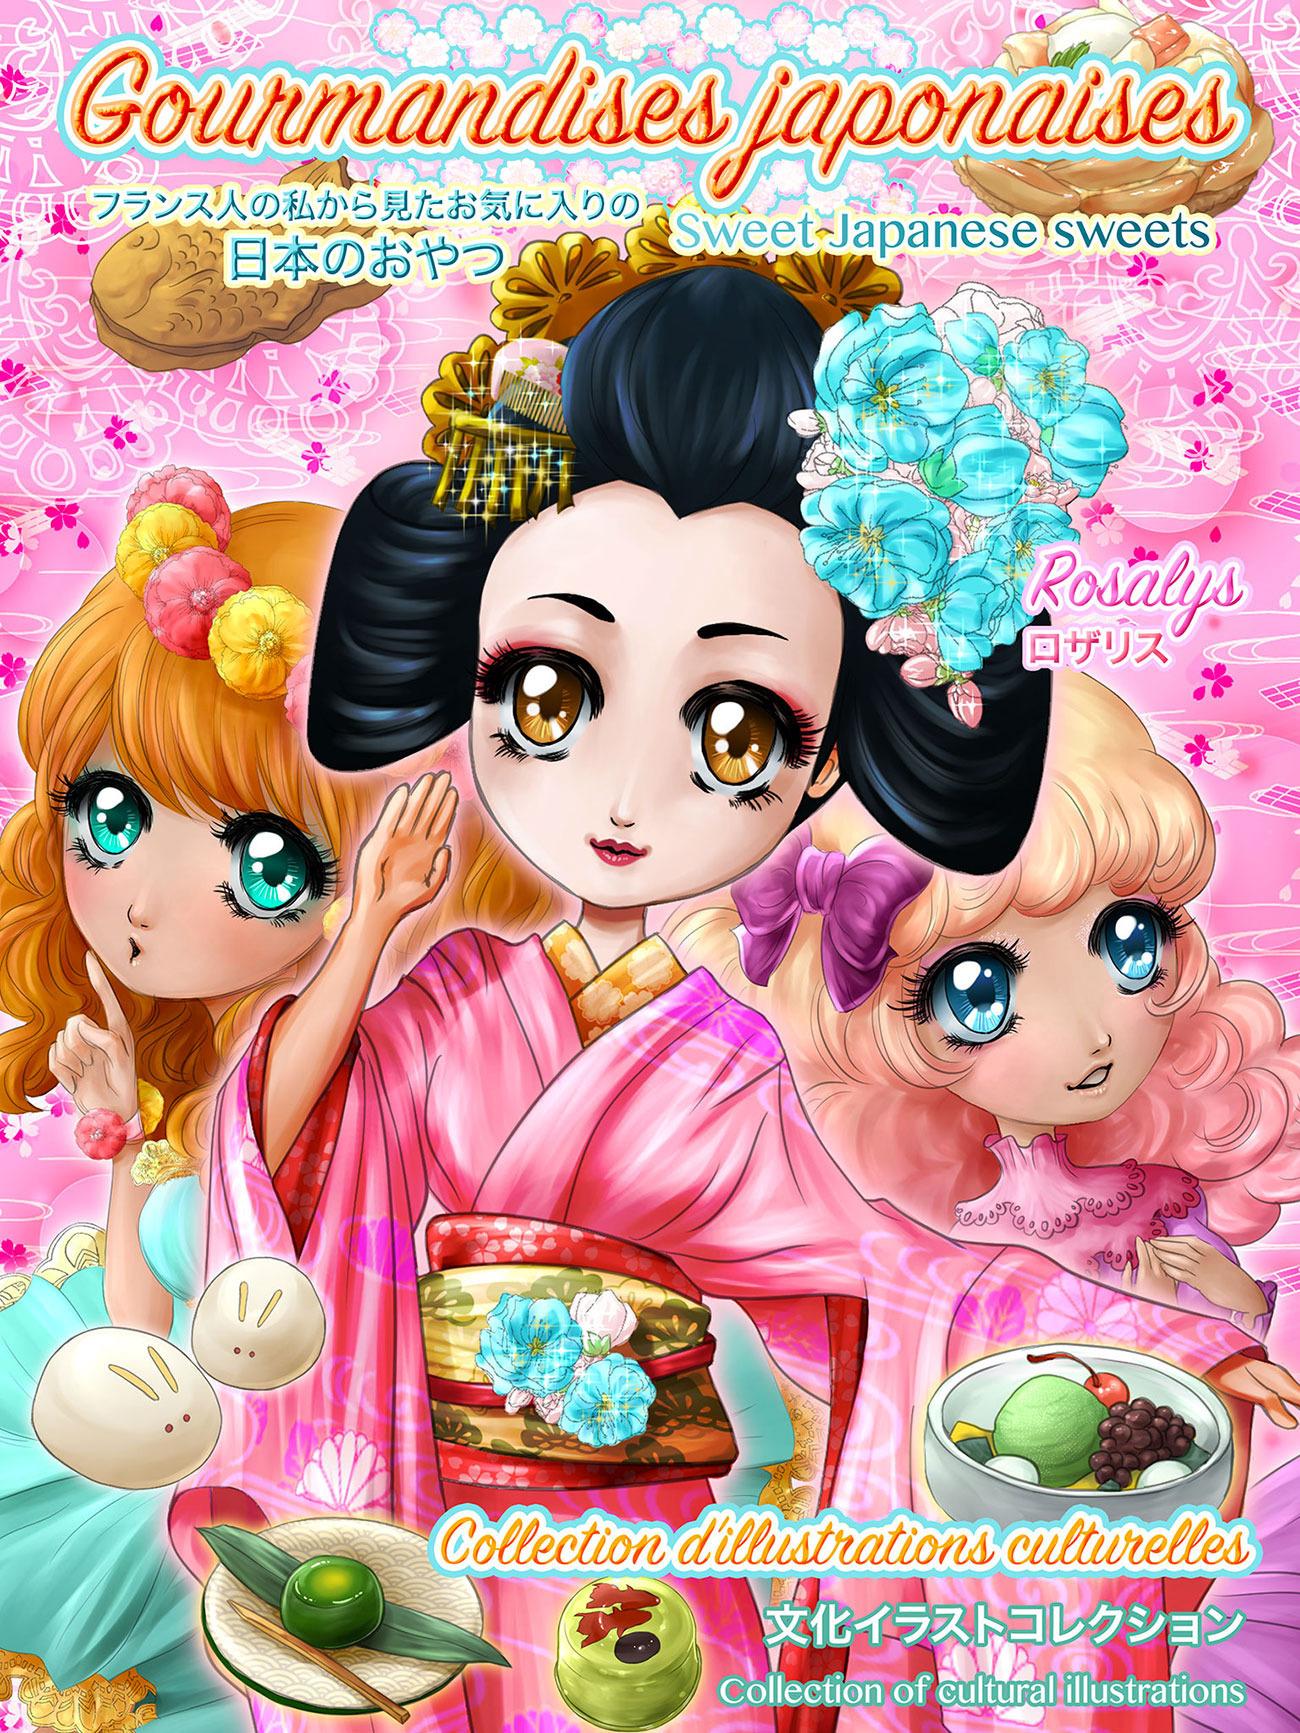 Gourmandises japonaises